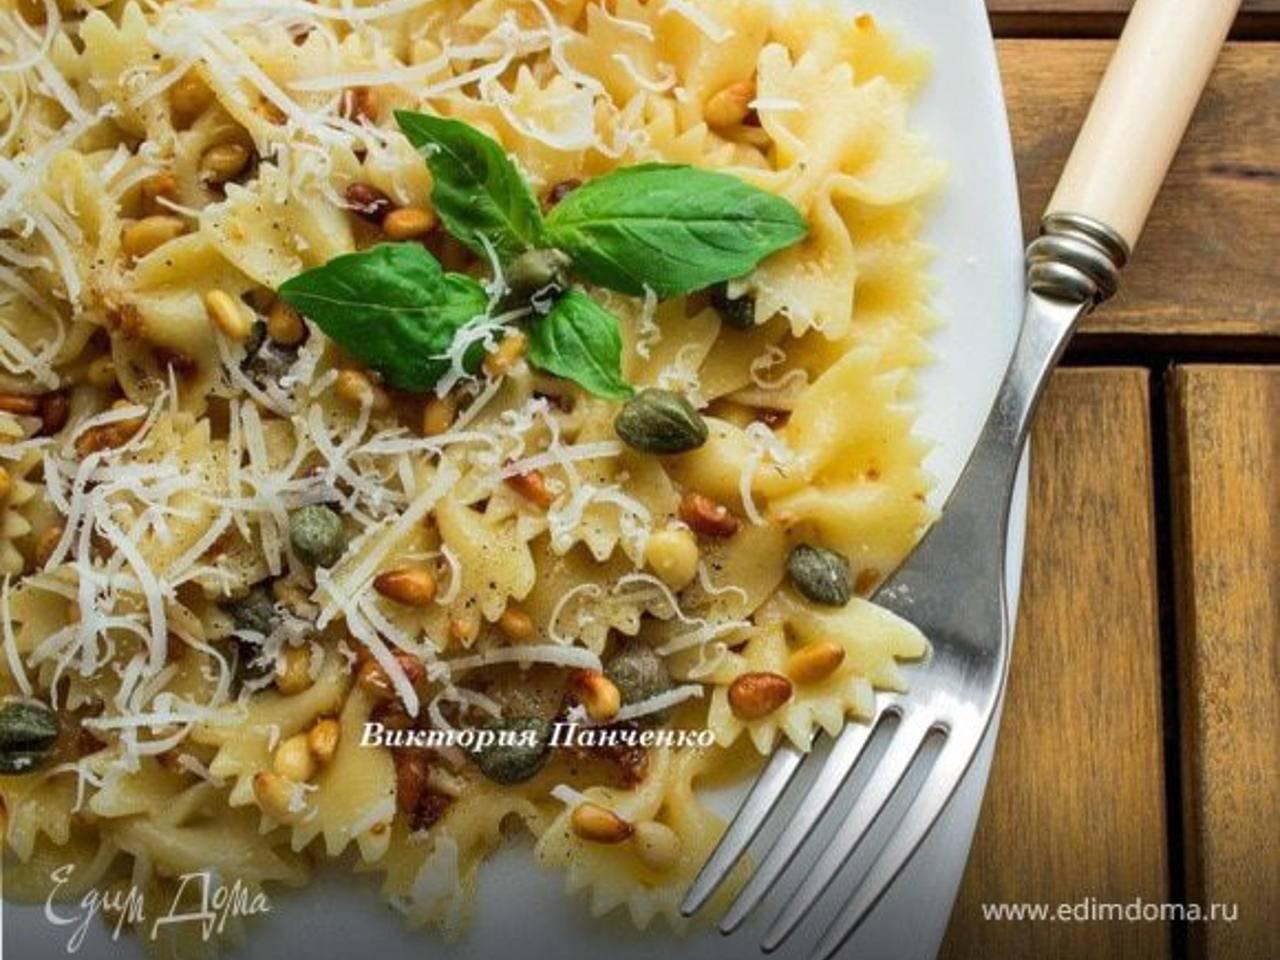 Ореховая паста своими руками: рецепт, особенности приготовления, фото - handskill.ru